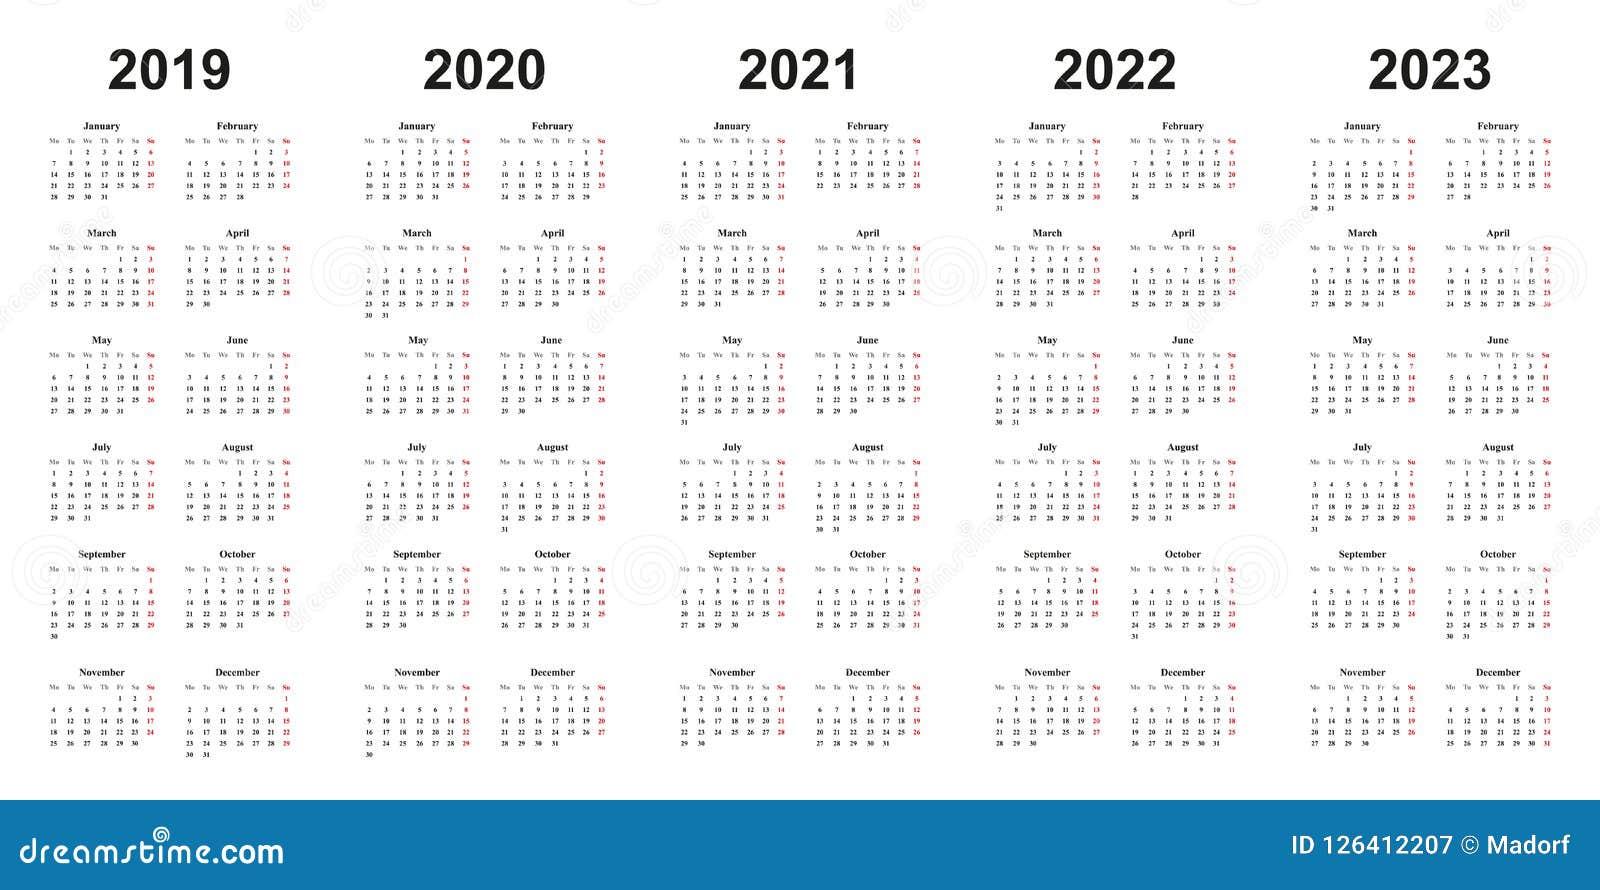 Calendario Del Diseño Simple Con Años 2019, 2020, 2021, 2022, 2023